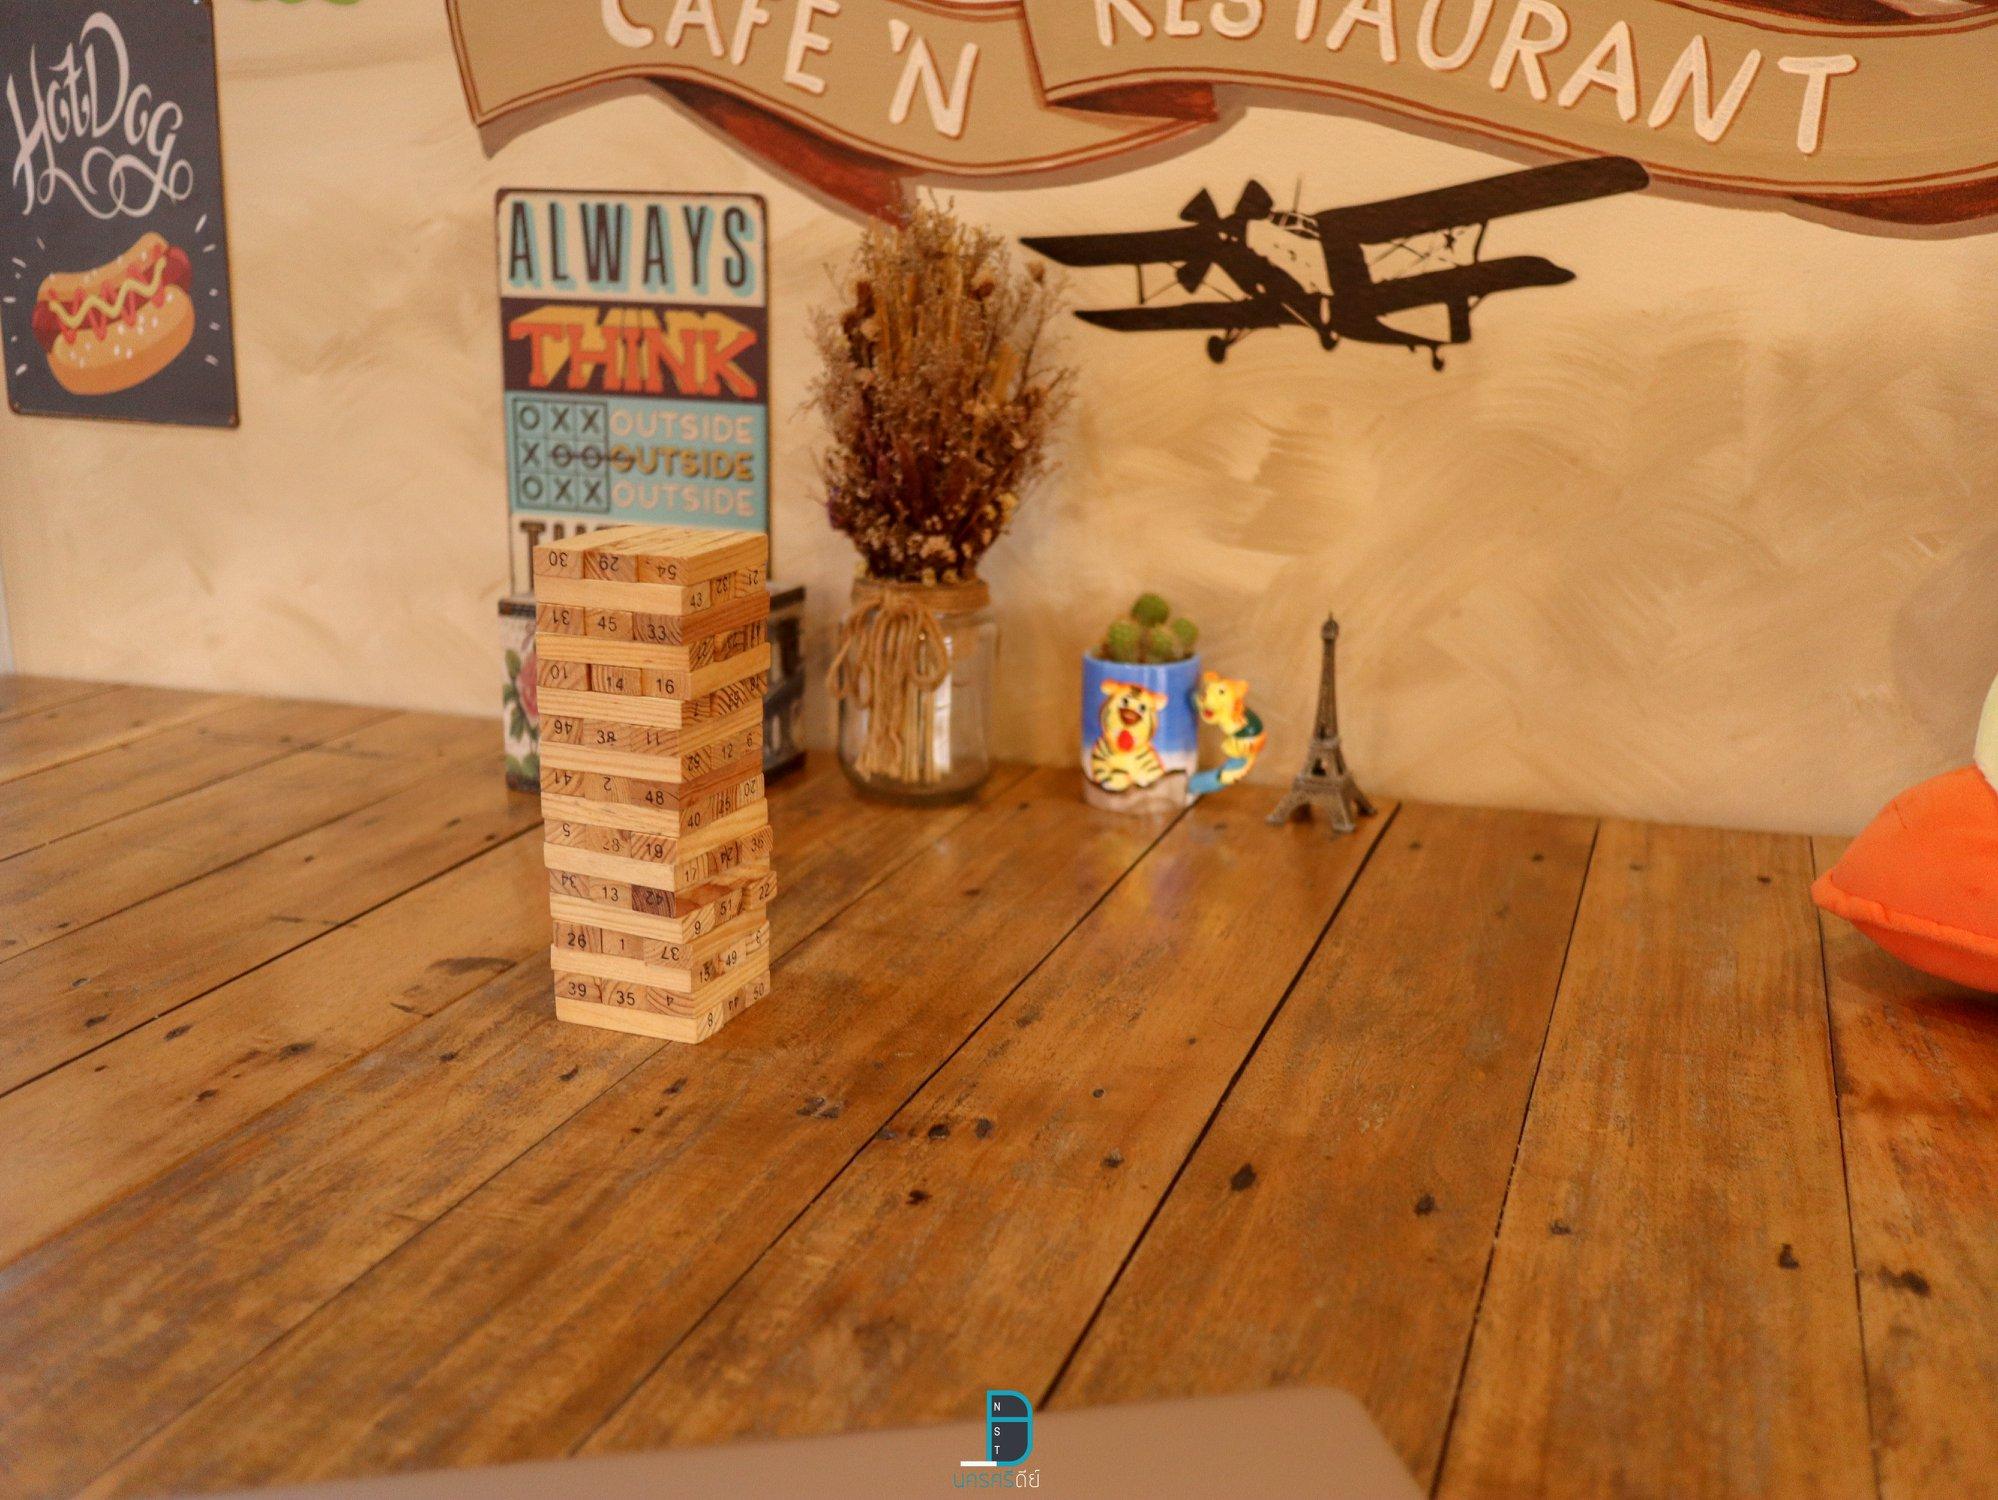 คาเฟ่ ทุ่งใหญ่ ข้ามันลูกทุ่งโฮมคาเฟ่ คาเฟ่น่ารักสุดสวยวิวดีสไตล์นั่งชิว at ทุ่งใหญ่ นครศรีดีย์